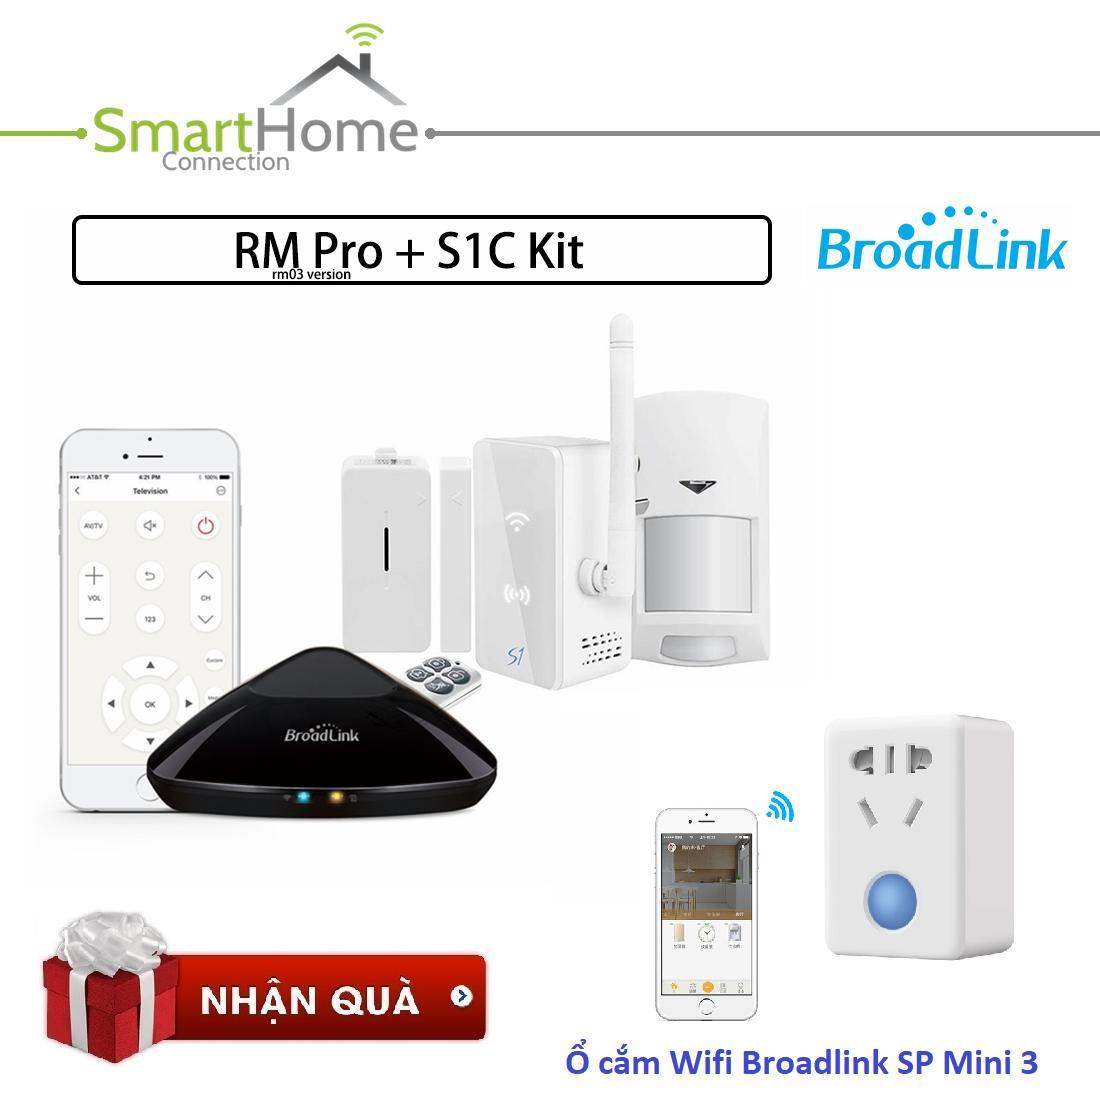 Bộ sản phẩm nhà thông minh Trung tâm kiểm soát an ninh Broadlink S1C - Bộ Điều Khiển Trung Tâm BroadLink RM Pro Plus